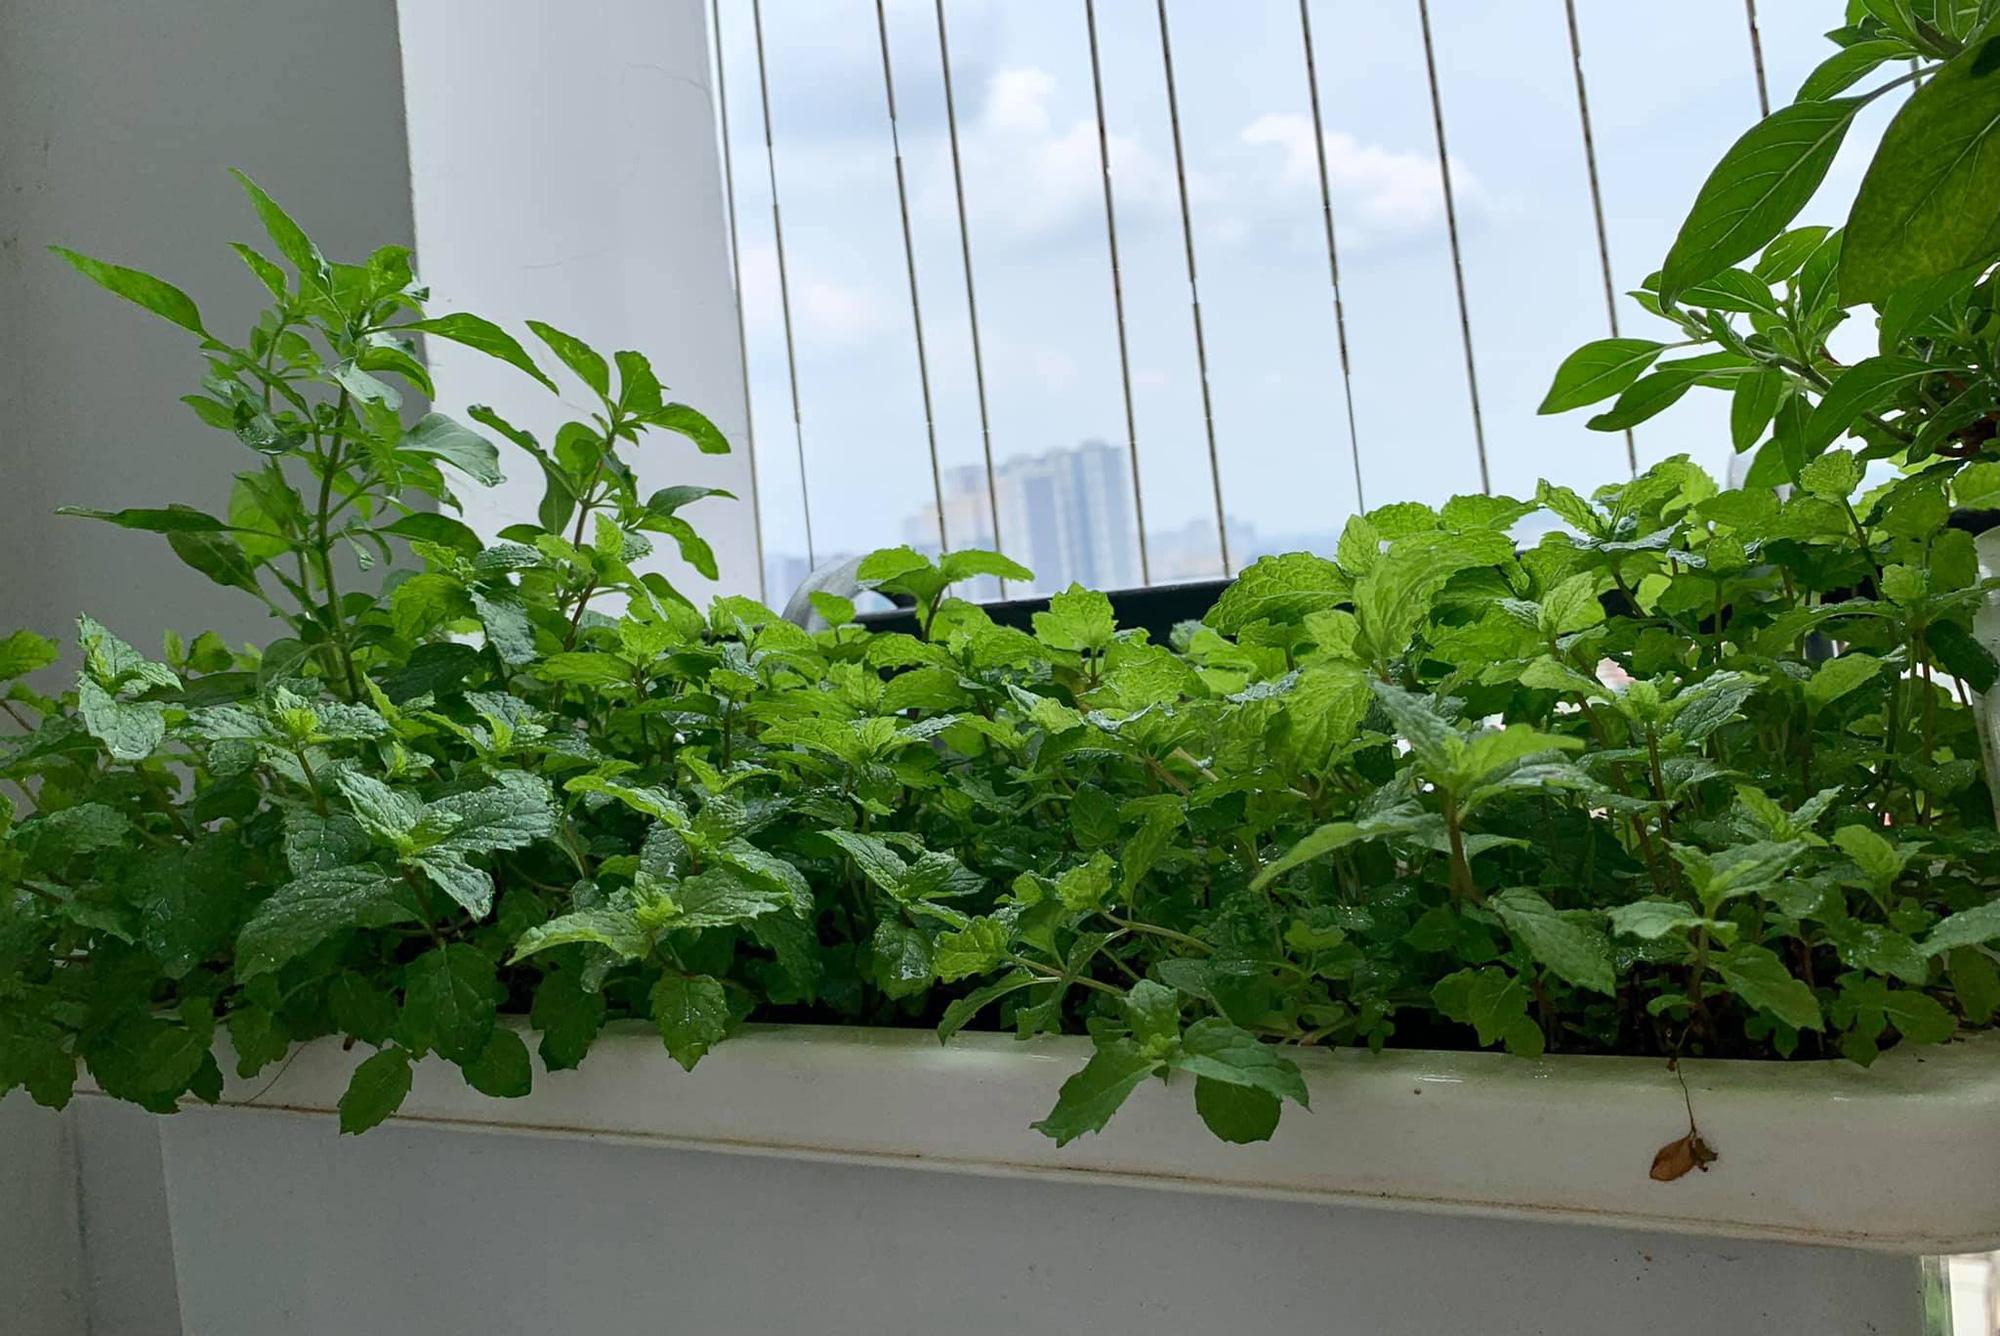 Ban công 7m2 vẫn đủ rau ăn cho cả nhà trong mùa dịch giãn cách ở Hà Nội - Ảnh 9.